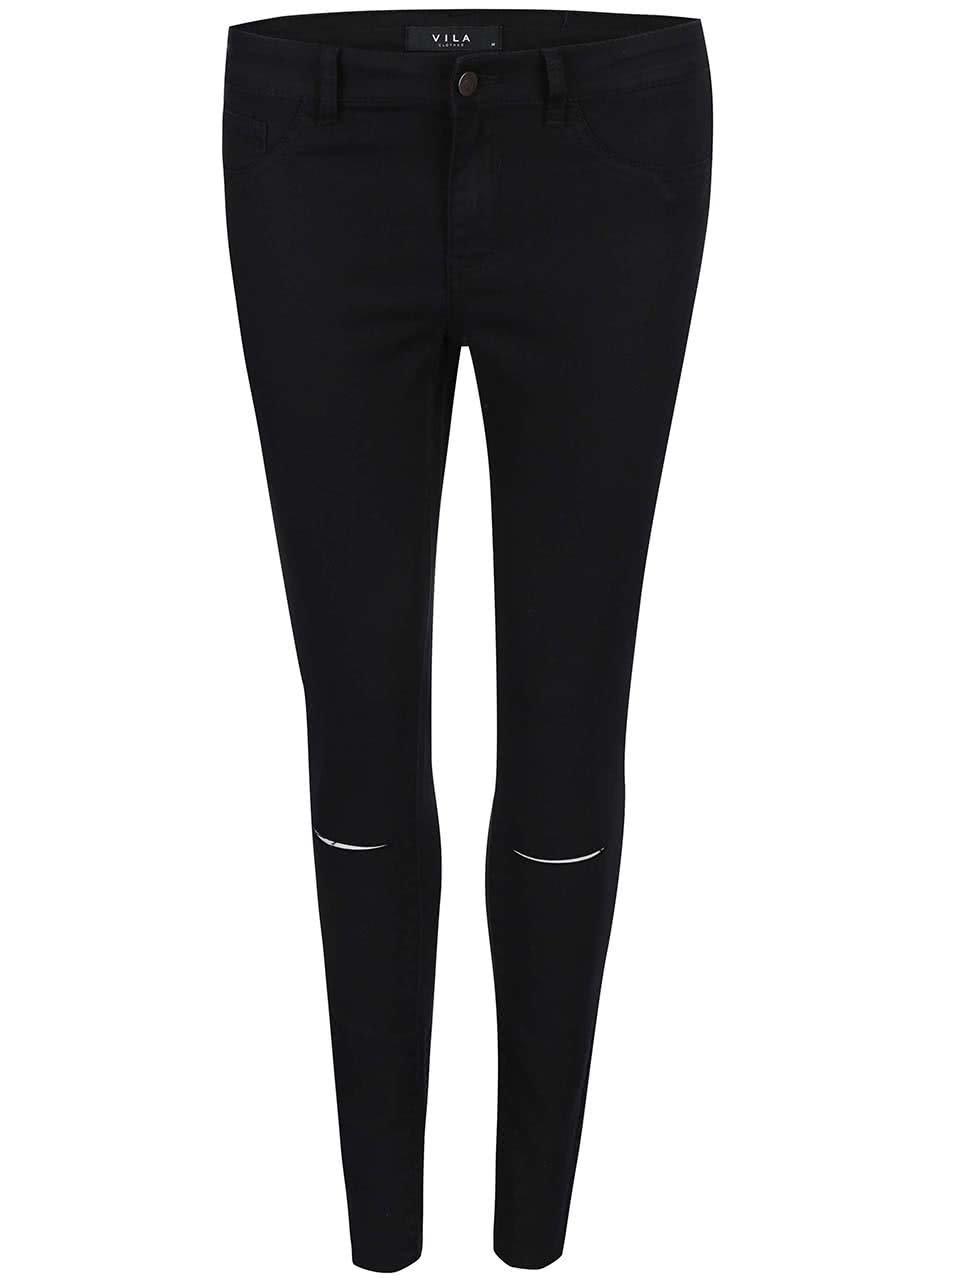 Černé kratší slim džíny s děrovanými koleny VILA Commit ... 5244cb8266